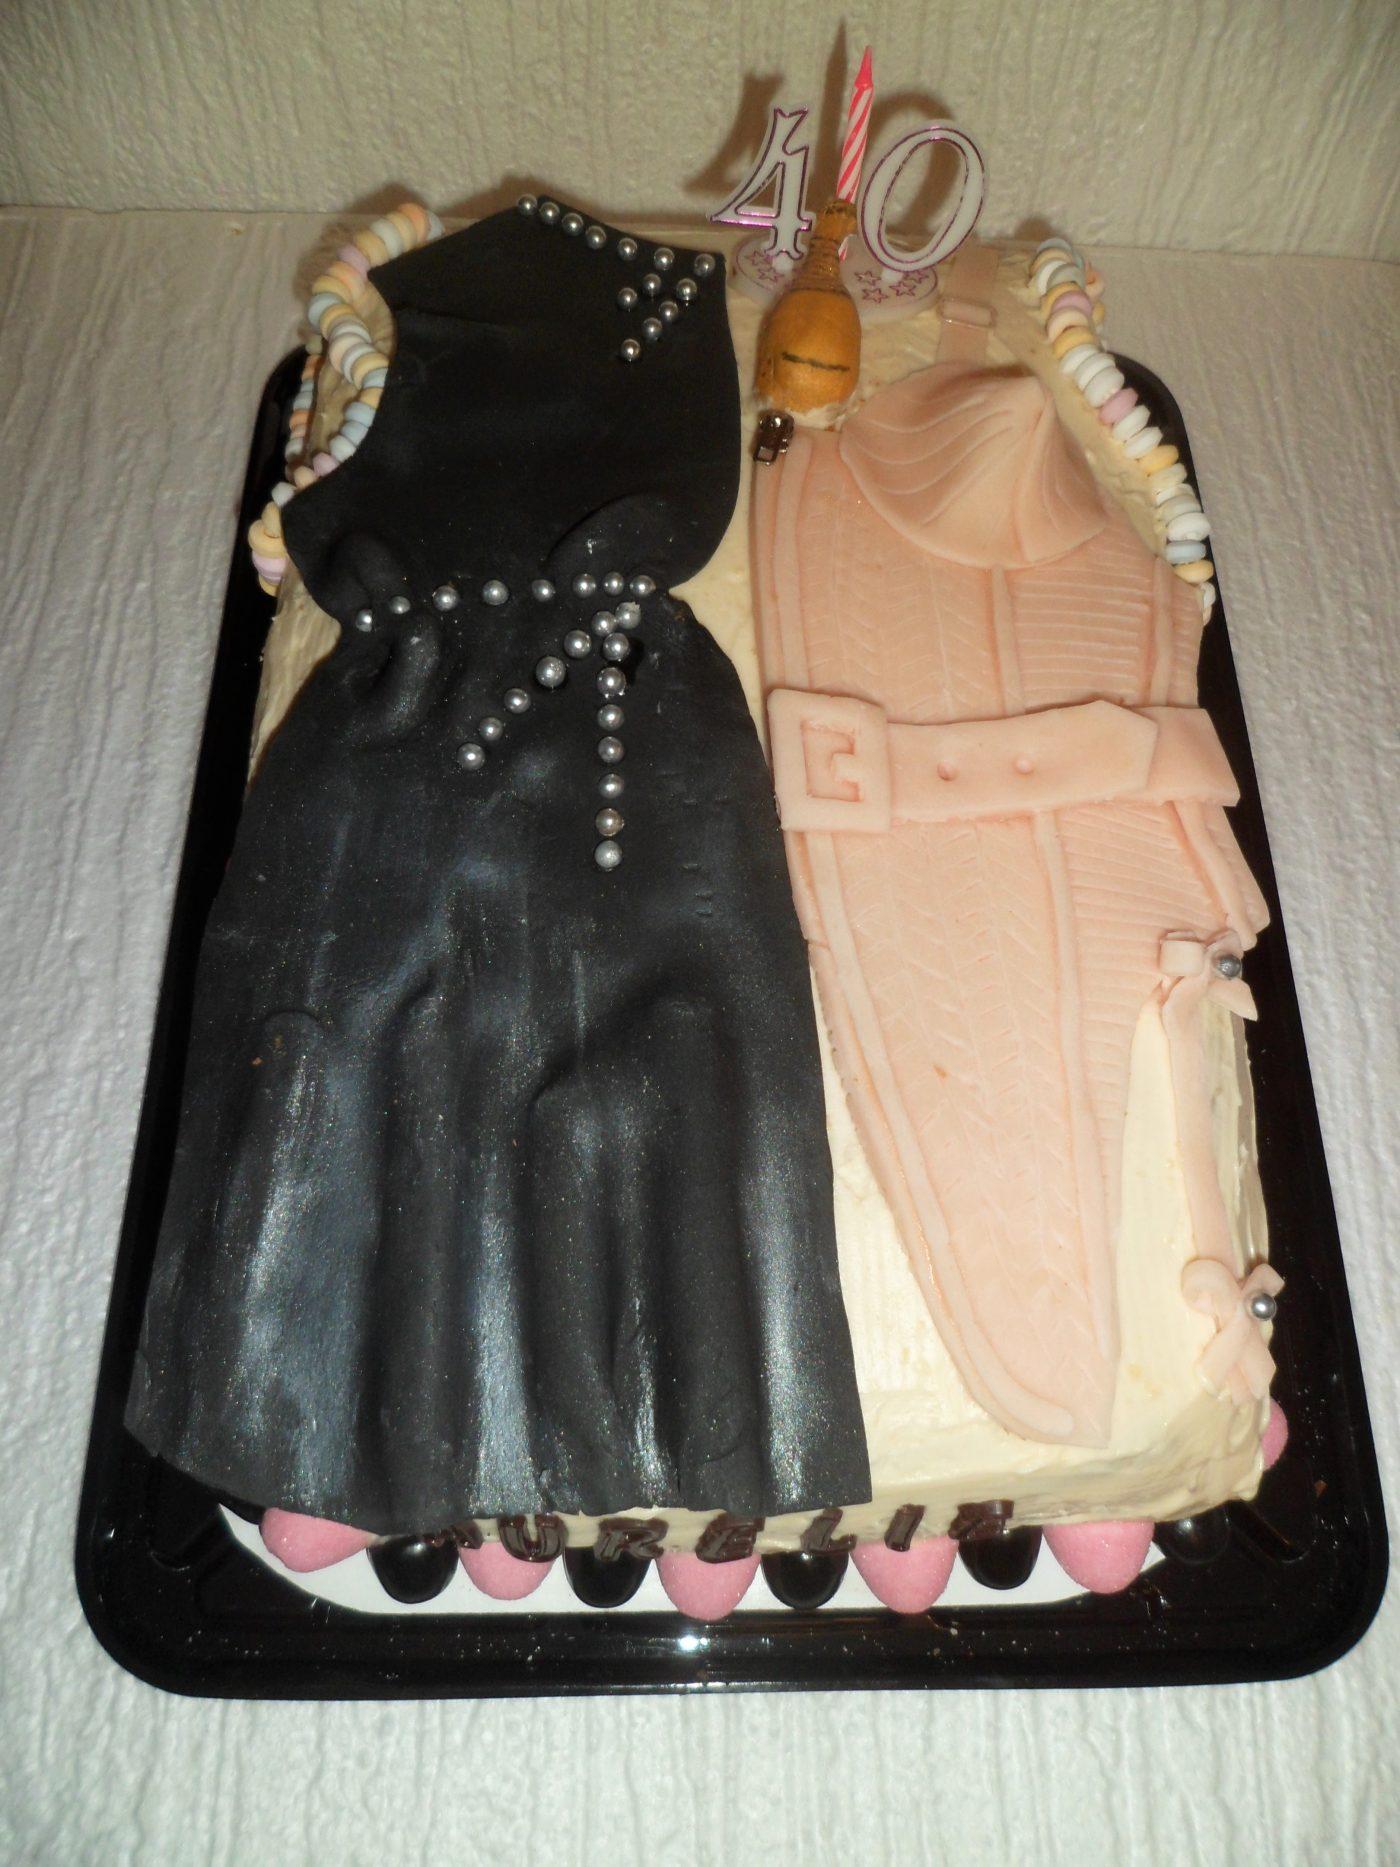 Gâteau Chic et Choc!